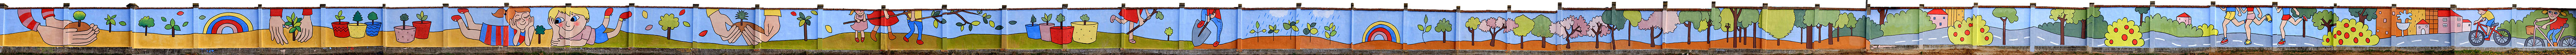 mural izas bosque sueños 17